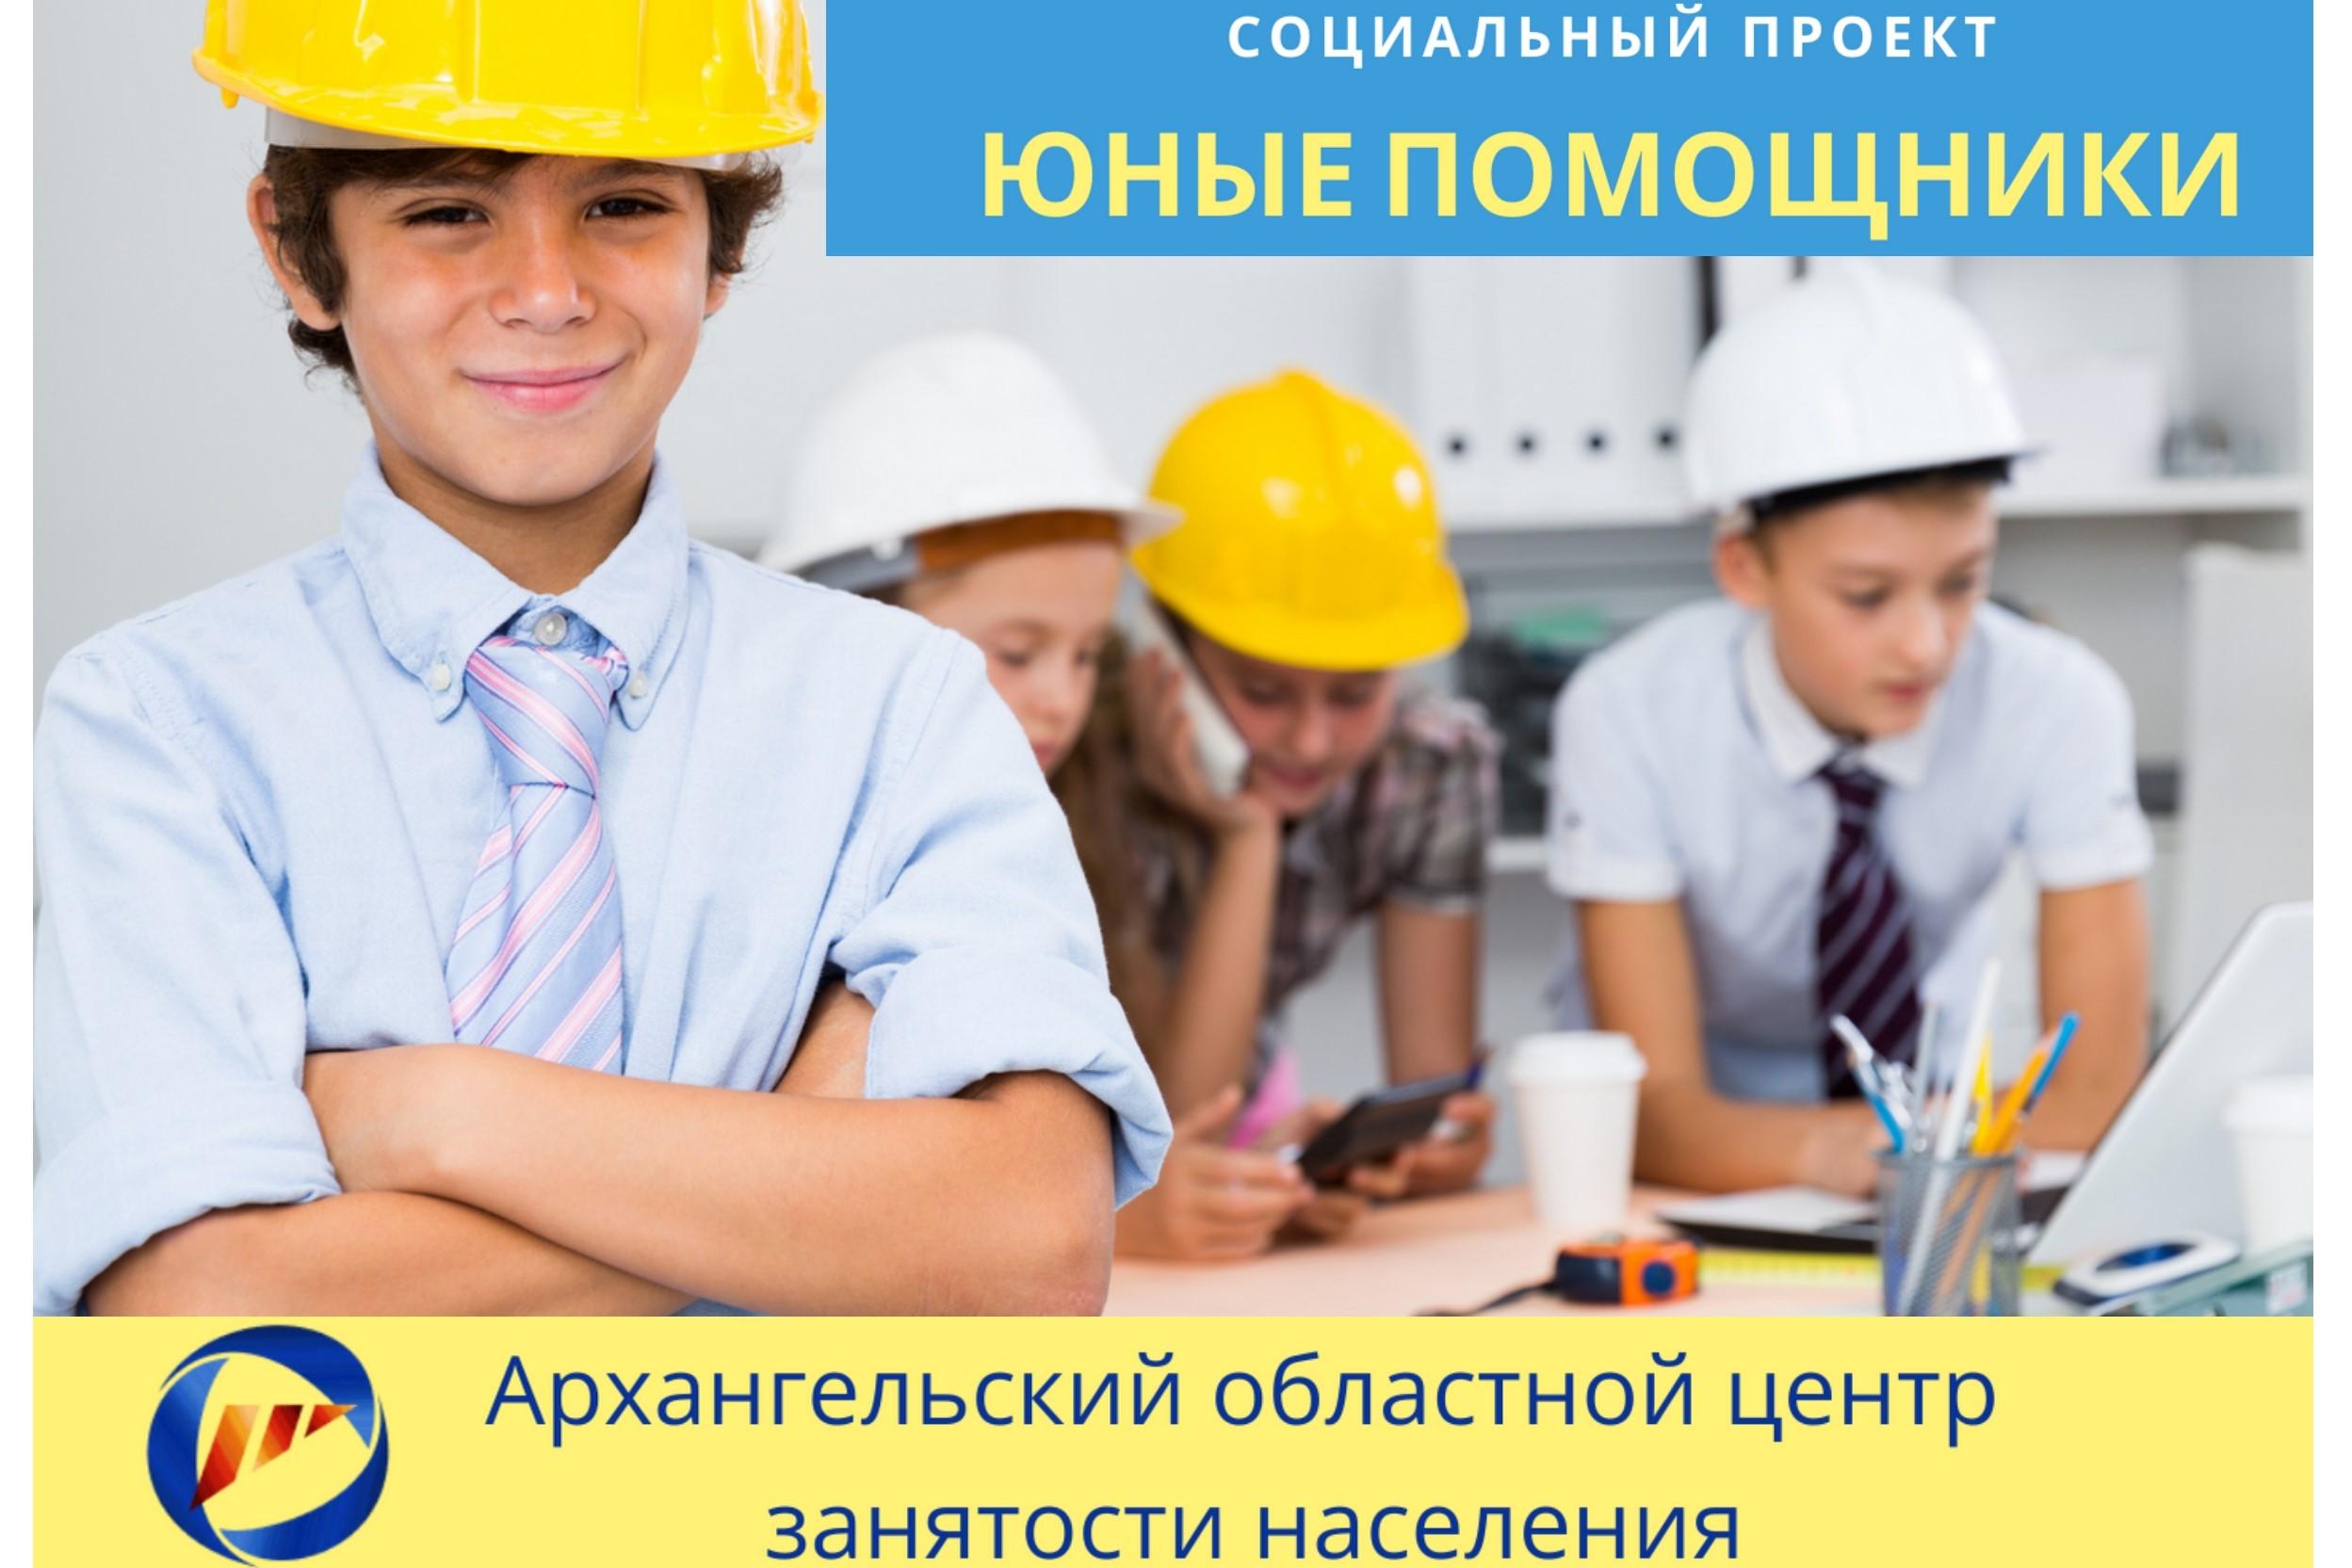 Работодателей Поморья приглашают принять участие в проекте по трудоустройству несовершеннолетних «Юные помощники»